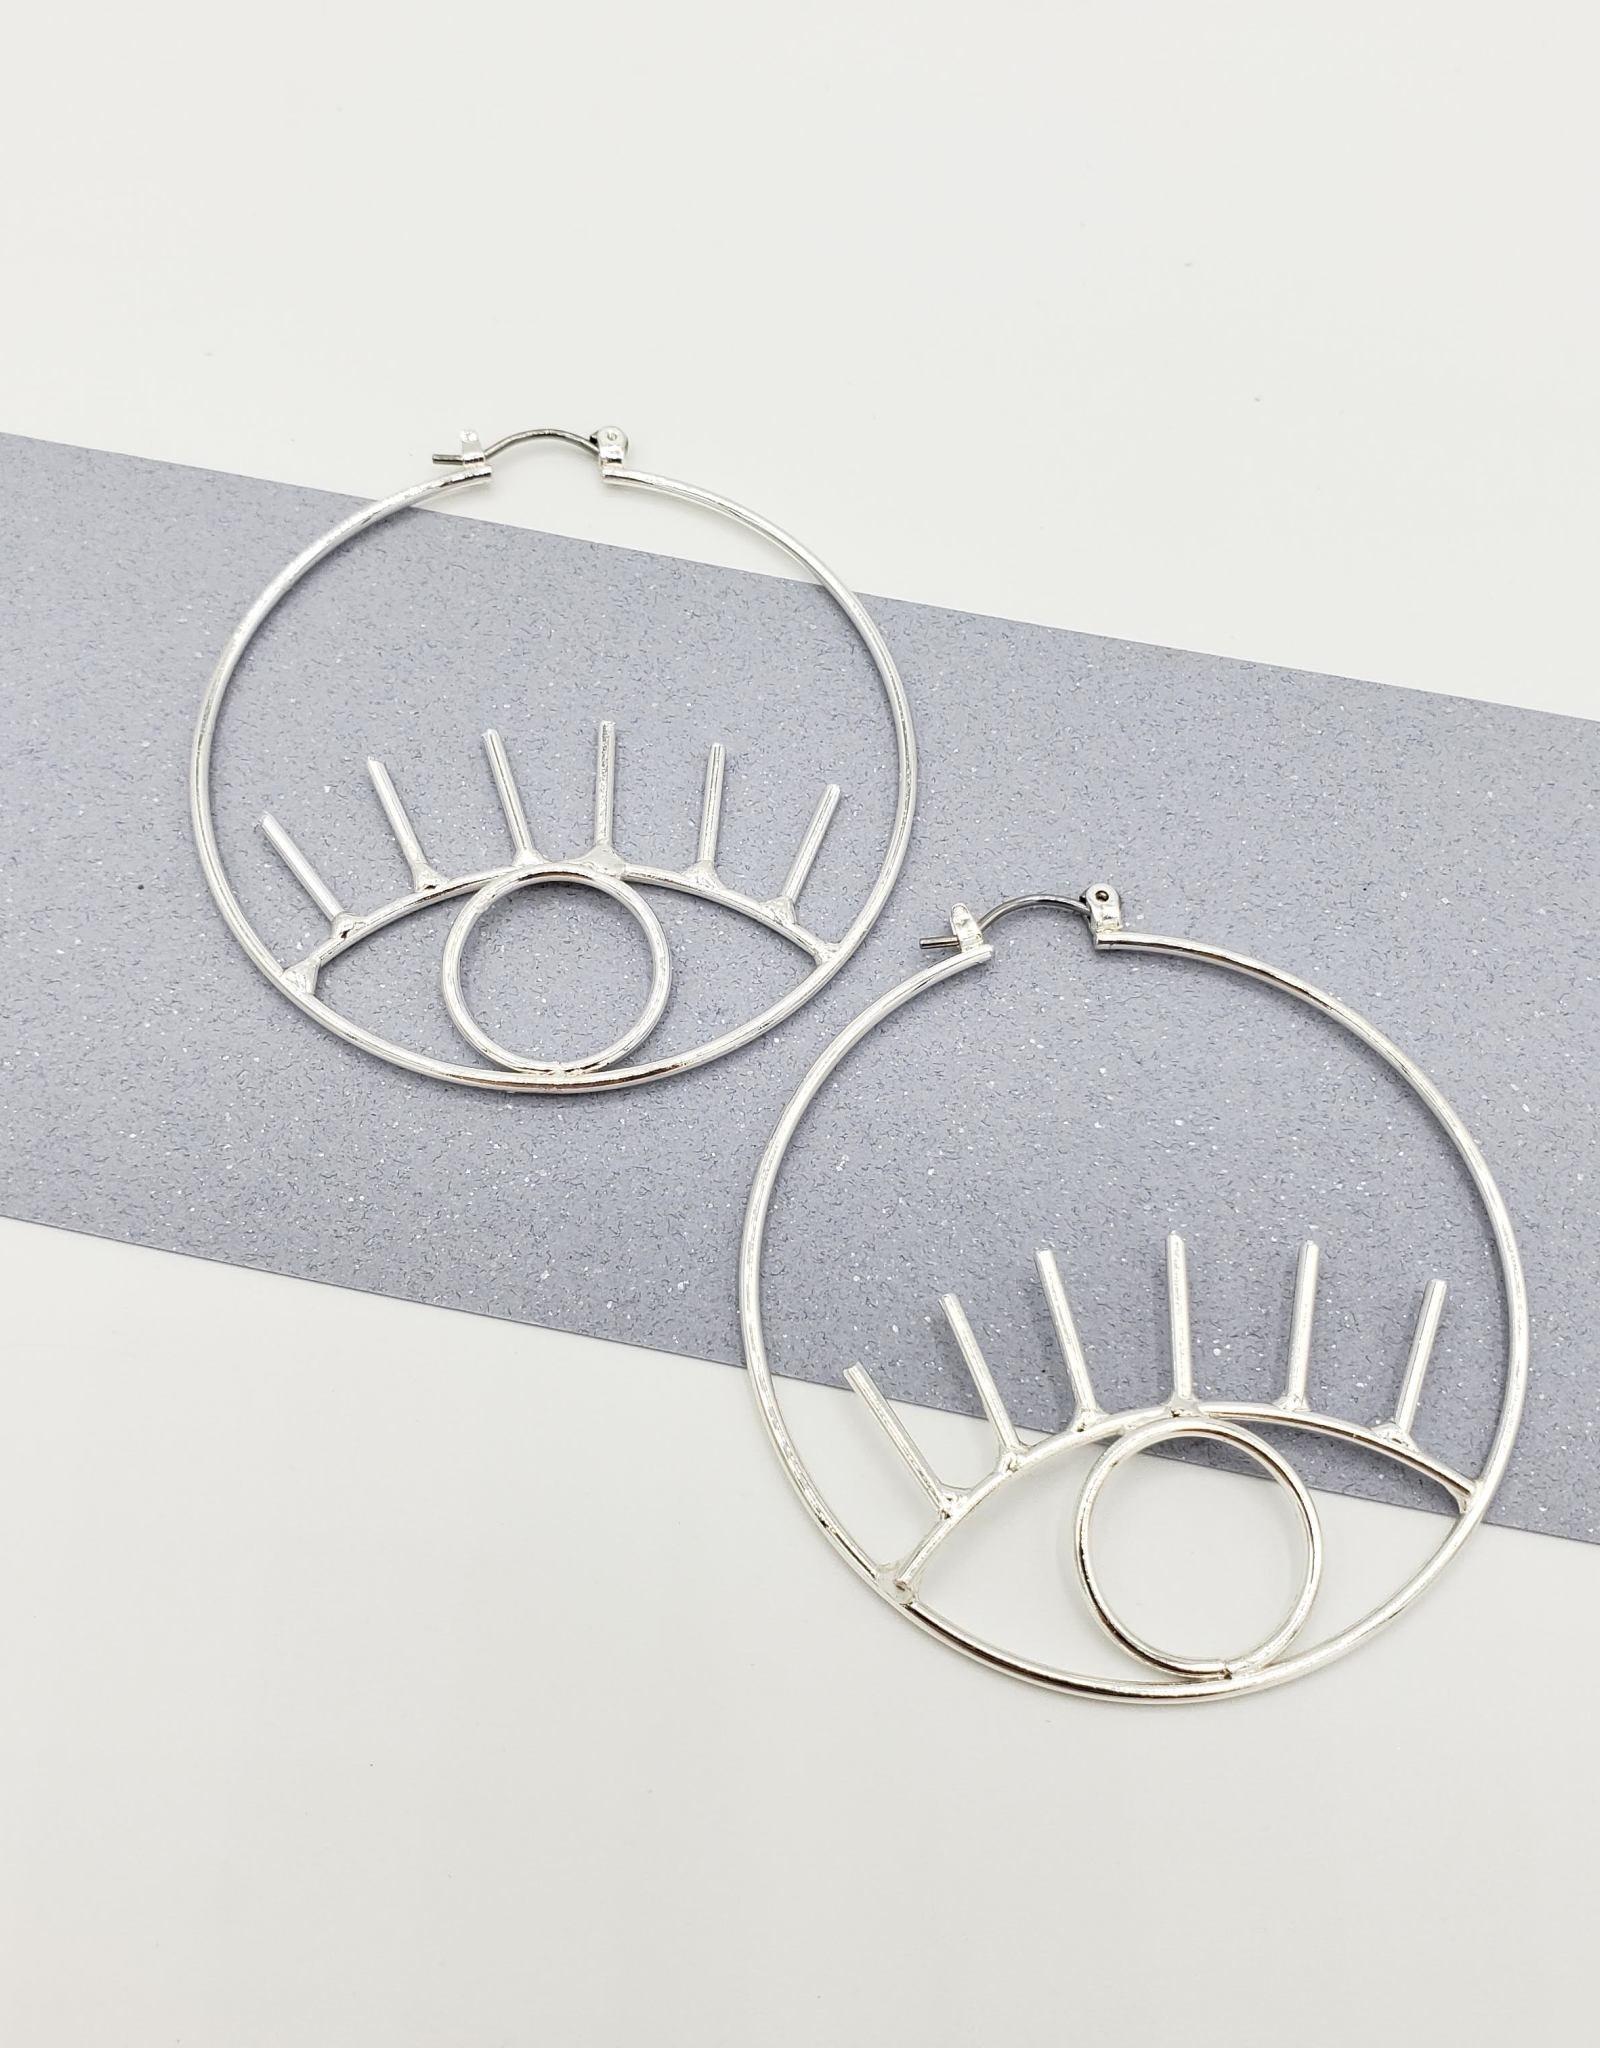 Eye on the Prize Earrings - Silver Plate Open Eye Hoops